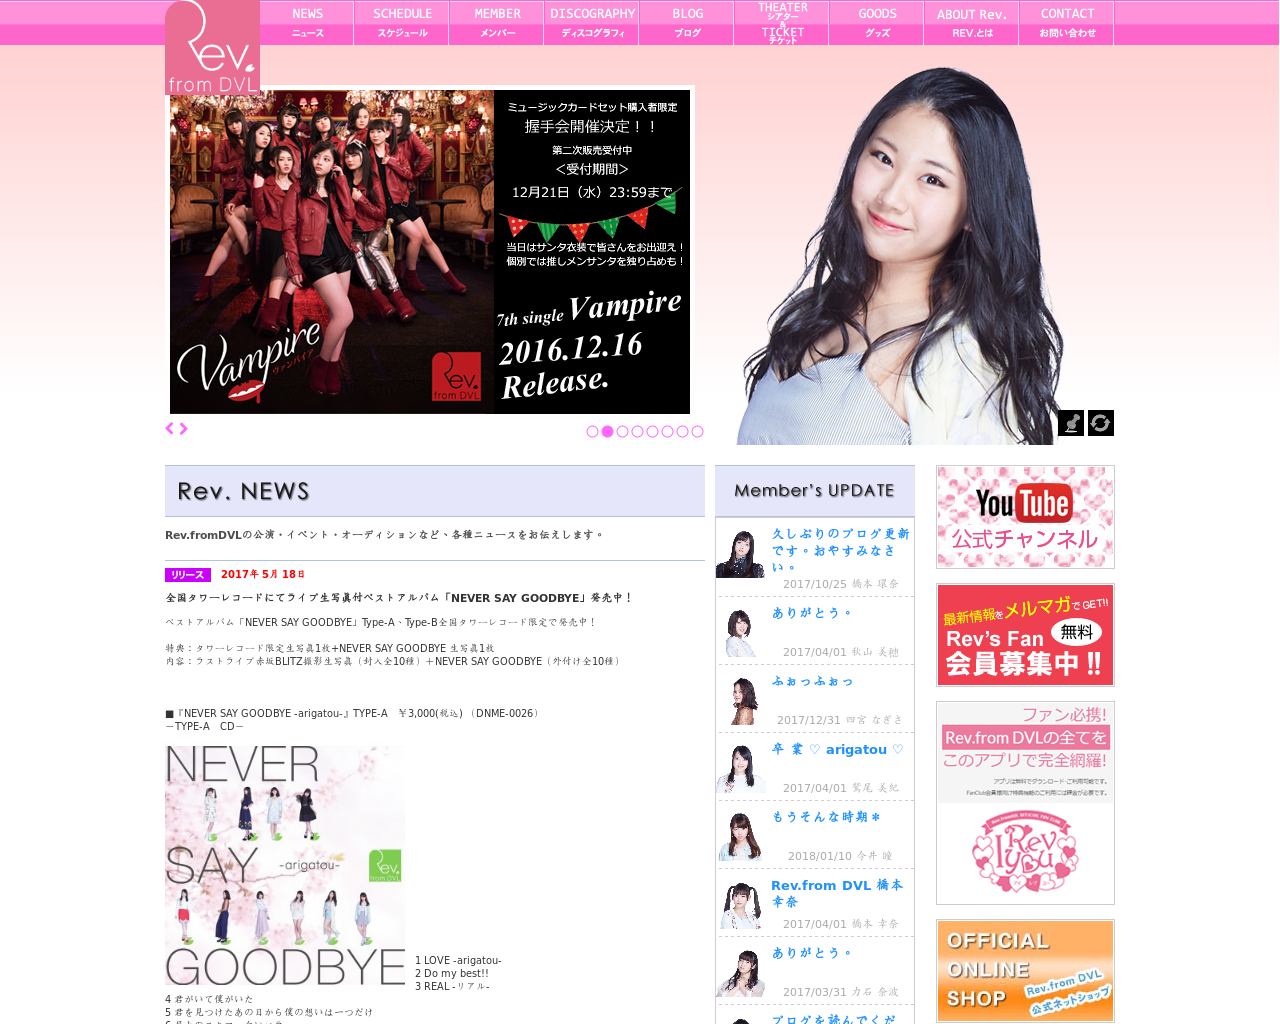 rev.jp.net(2018/01/13 04:50:43)